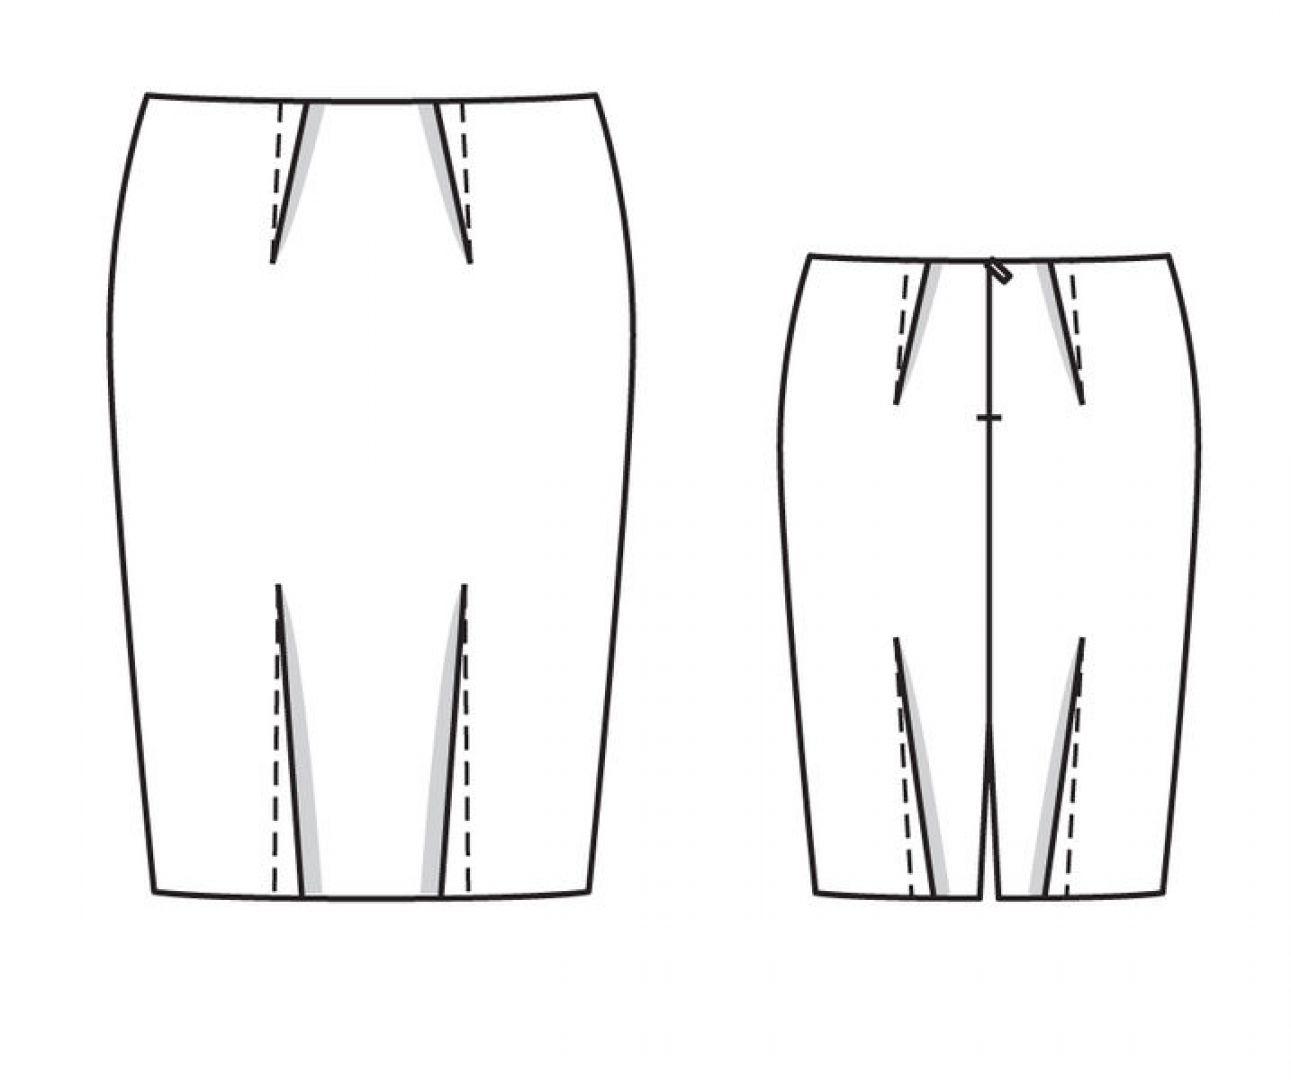 Зимняя юбка или точка в проекте)))